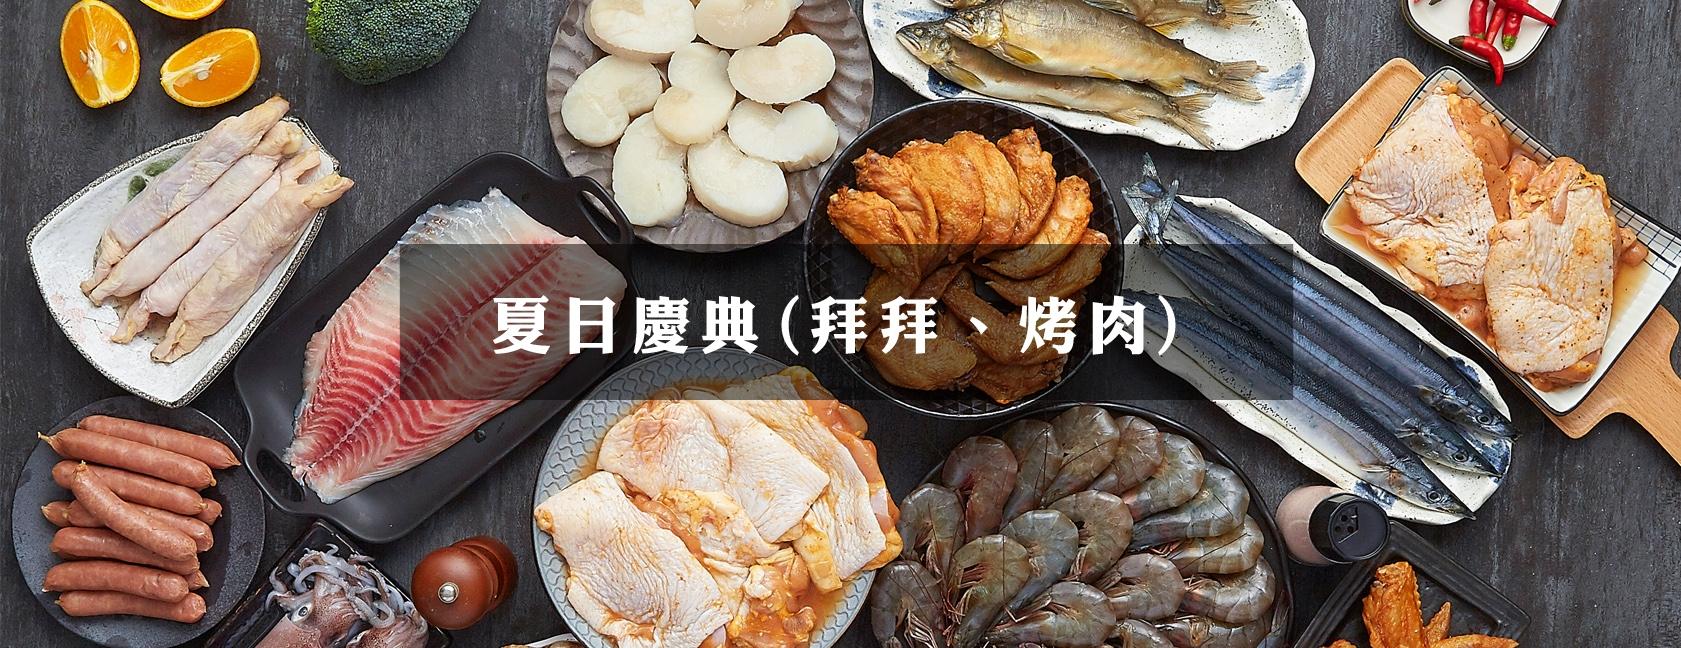 夏日慶典(拜拜、烤肉)